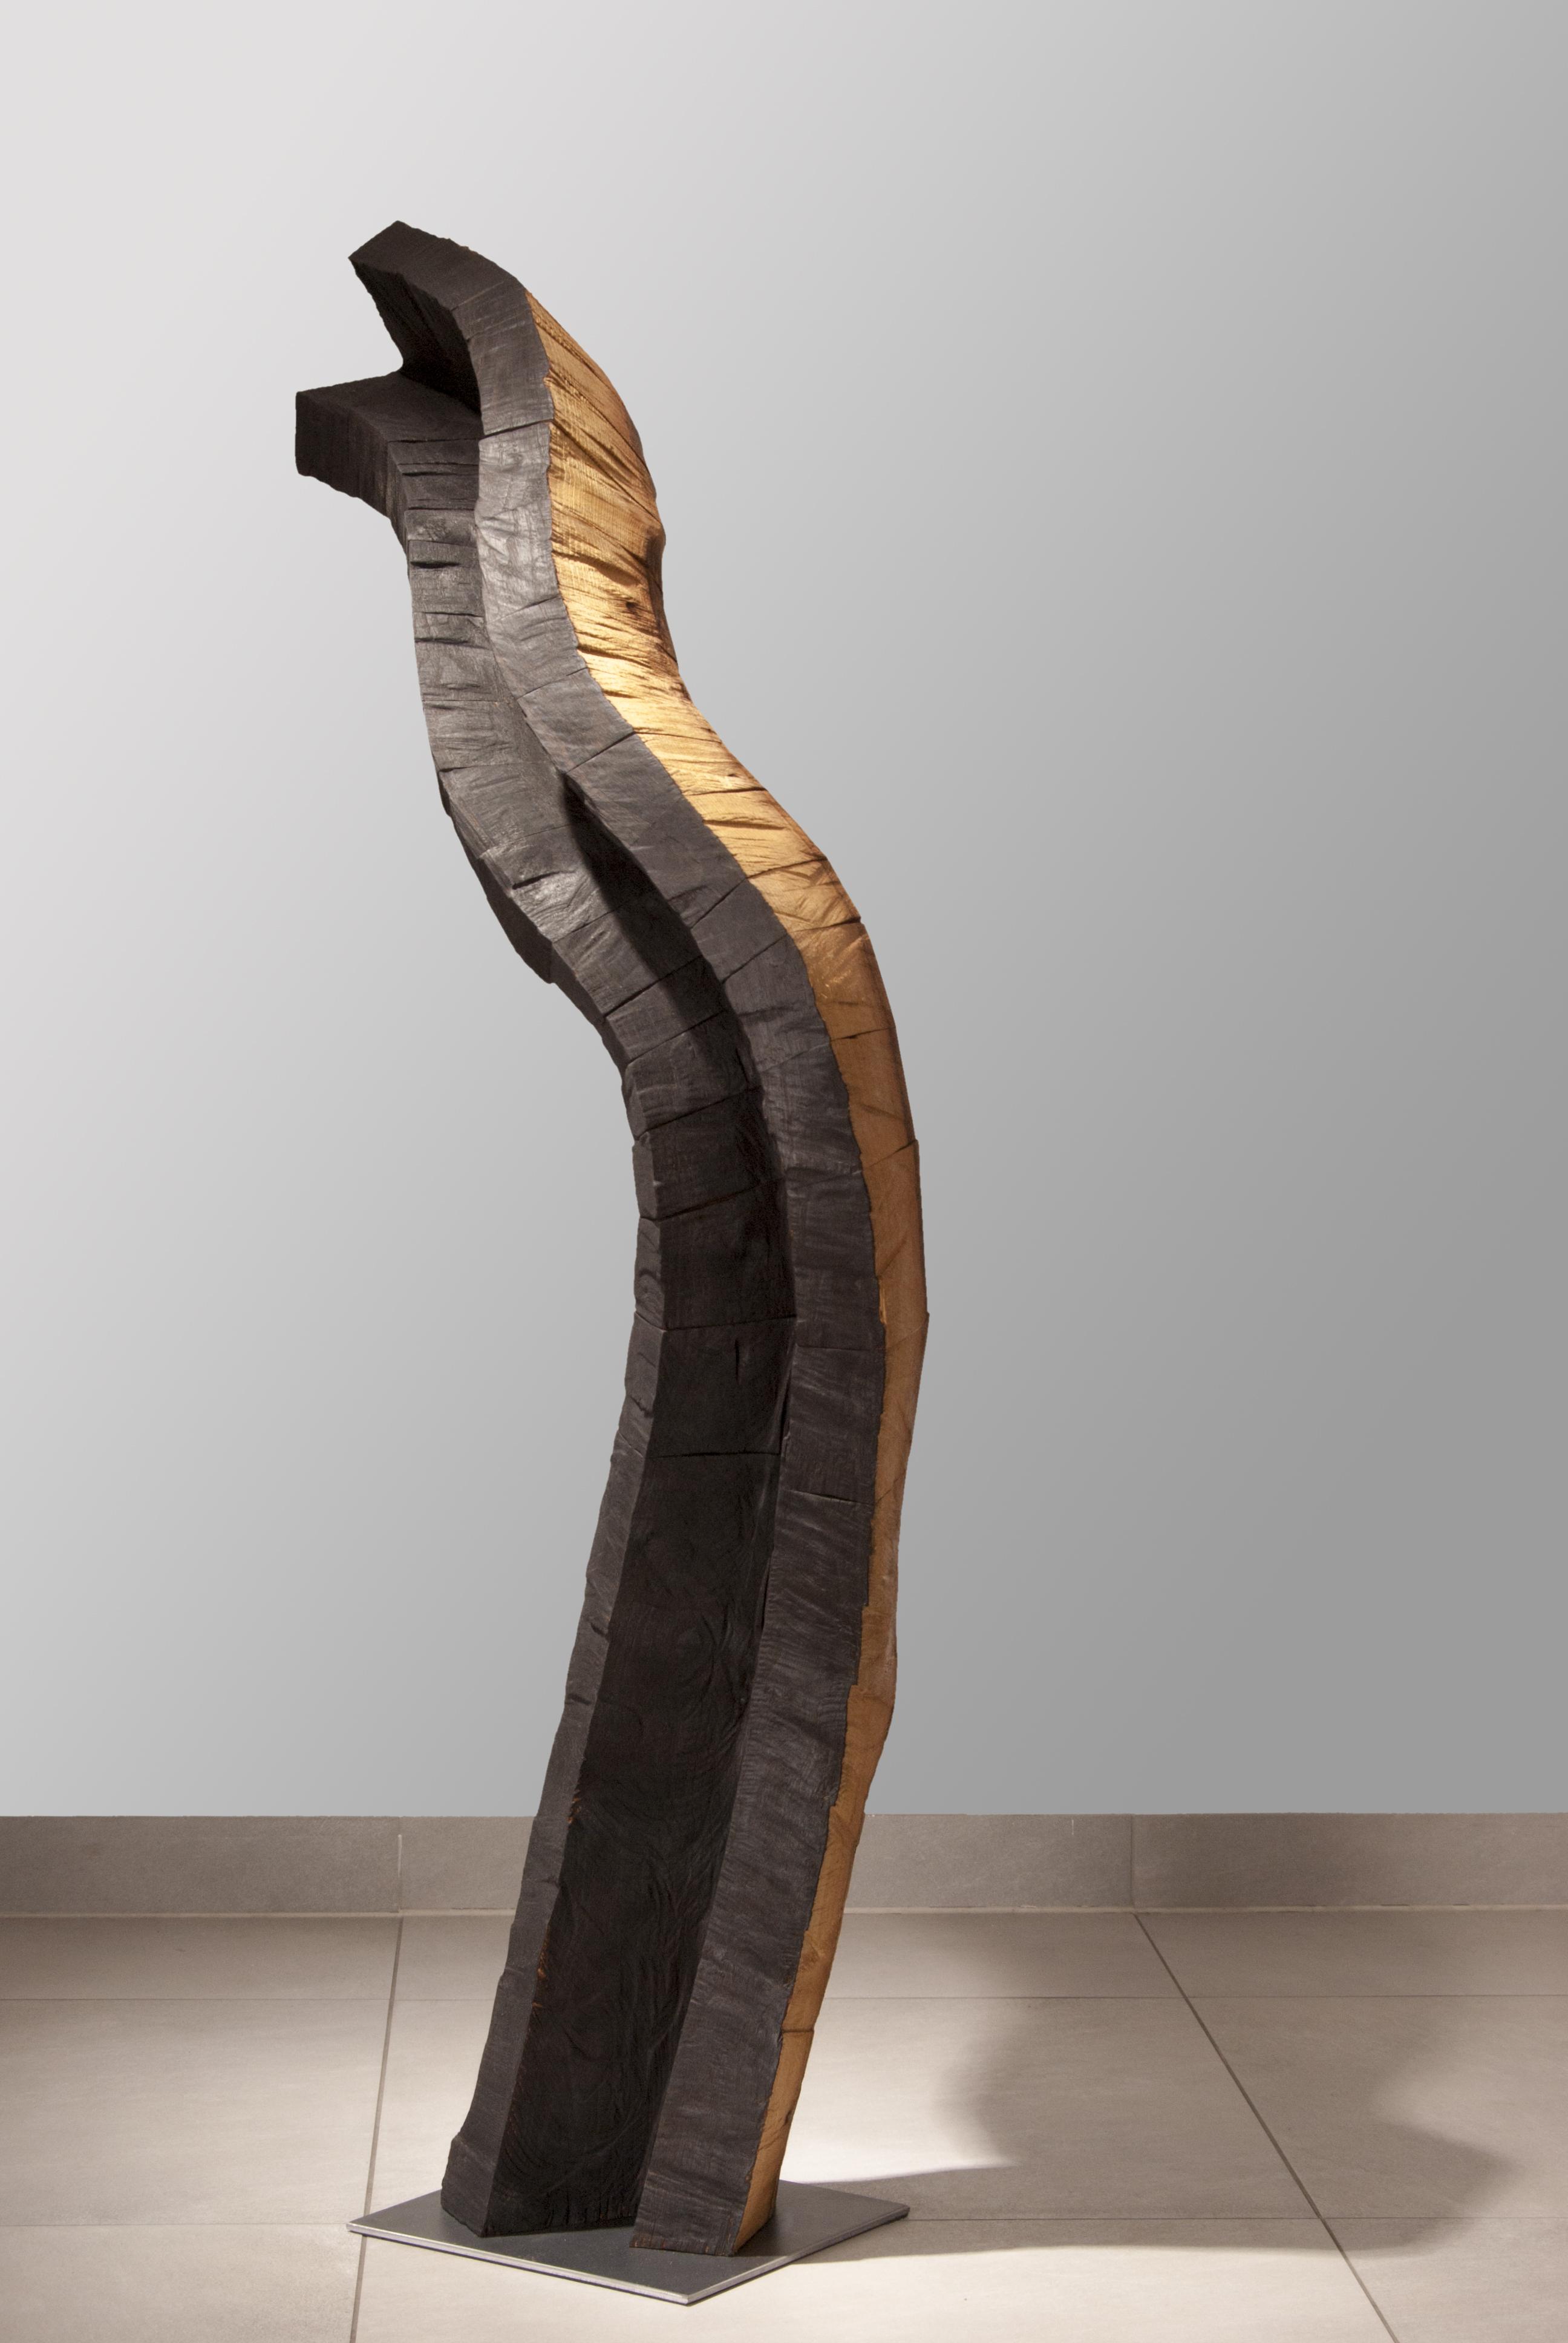 sans titre, robinier, h= 129 cm